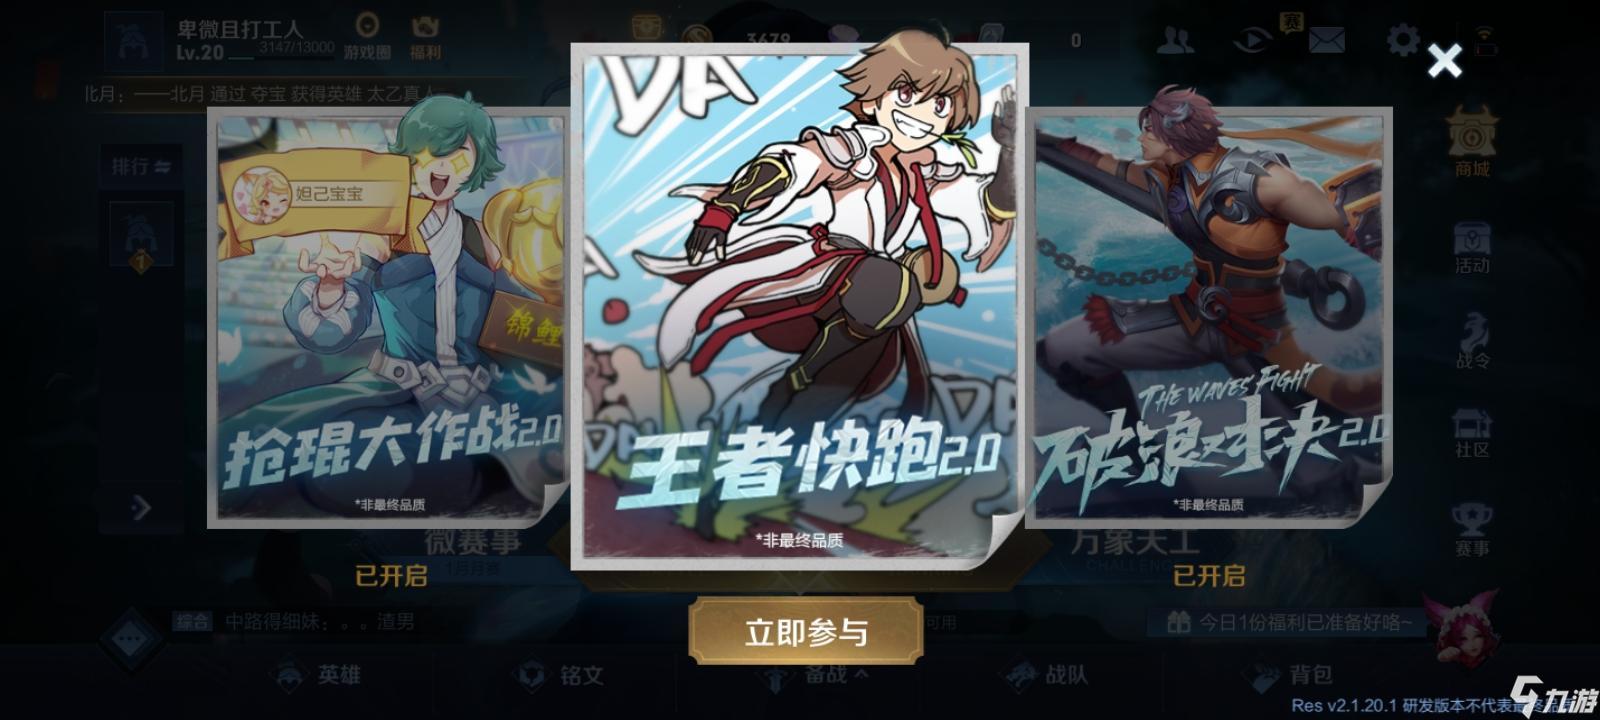 王者荣耀2021年春节王者快跑怎么玩 王者快跑玩法